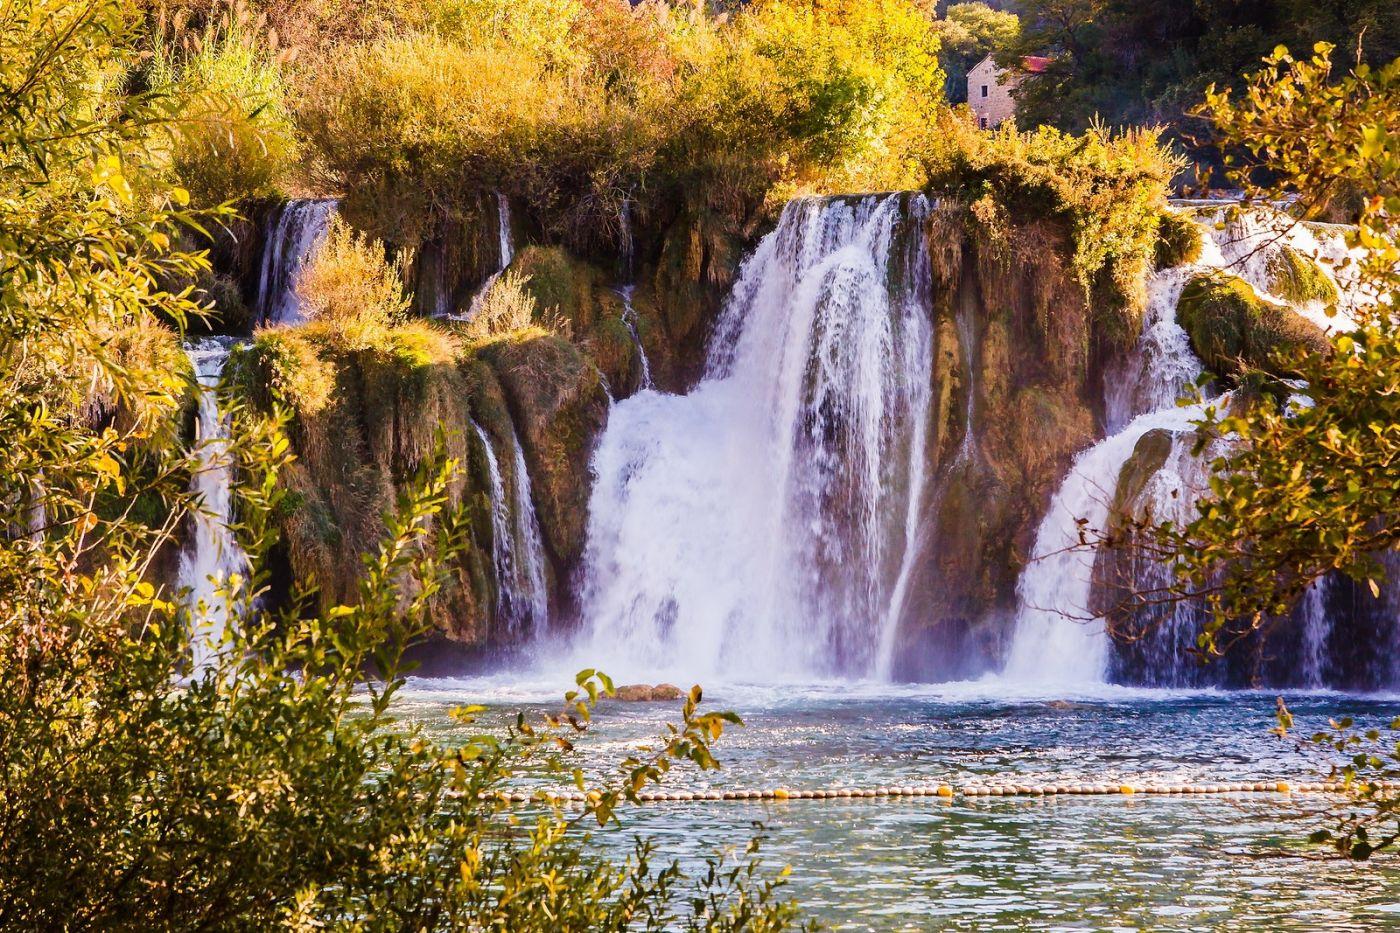 克罗地亚克尔卡国家公园(Krka National Park),瀑布瀑布瀑布_图1-6